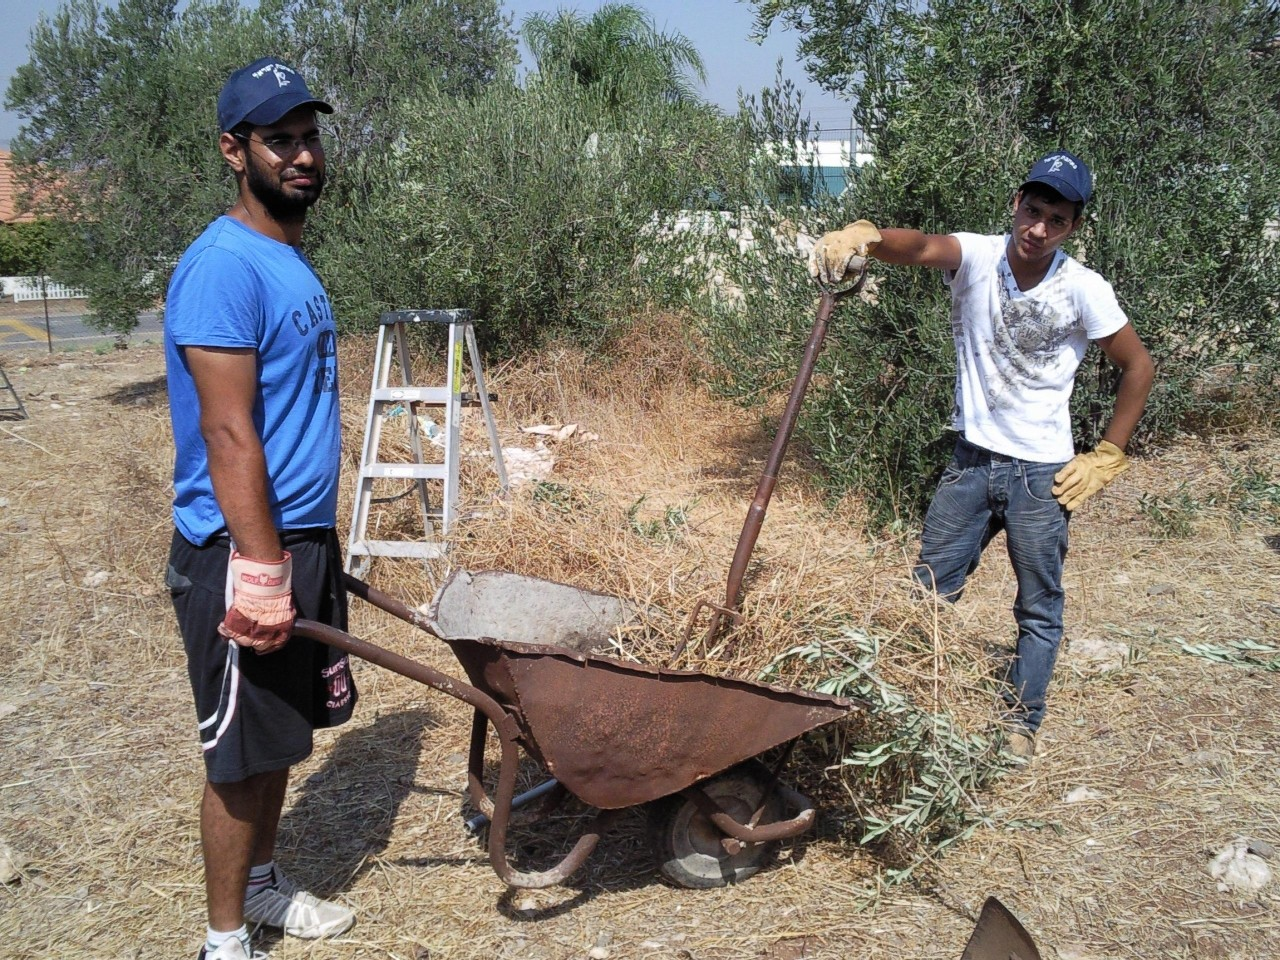 Volunteers carting away freshly picked olives